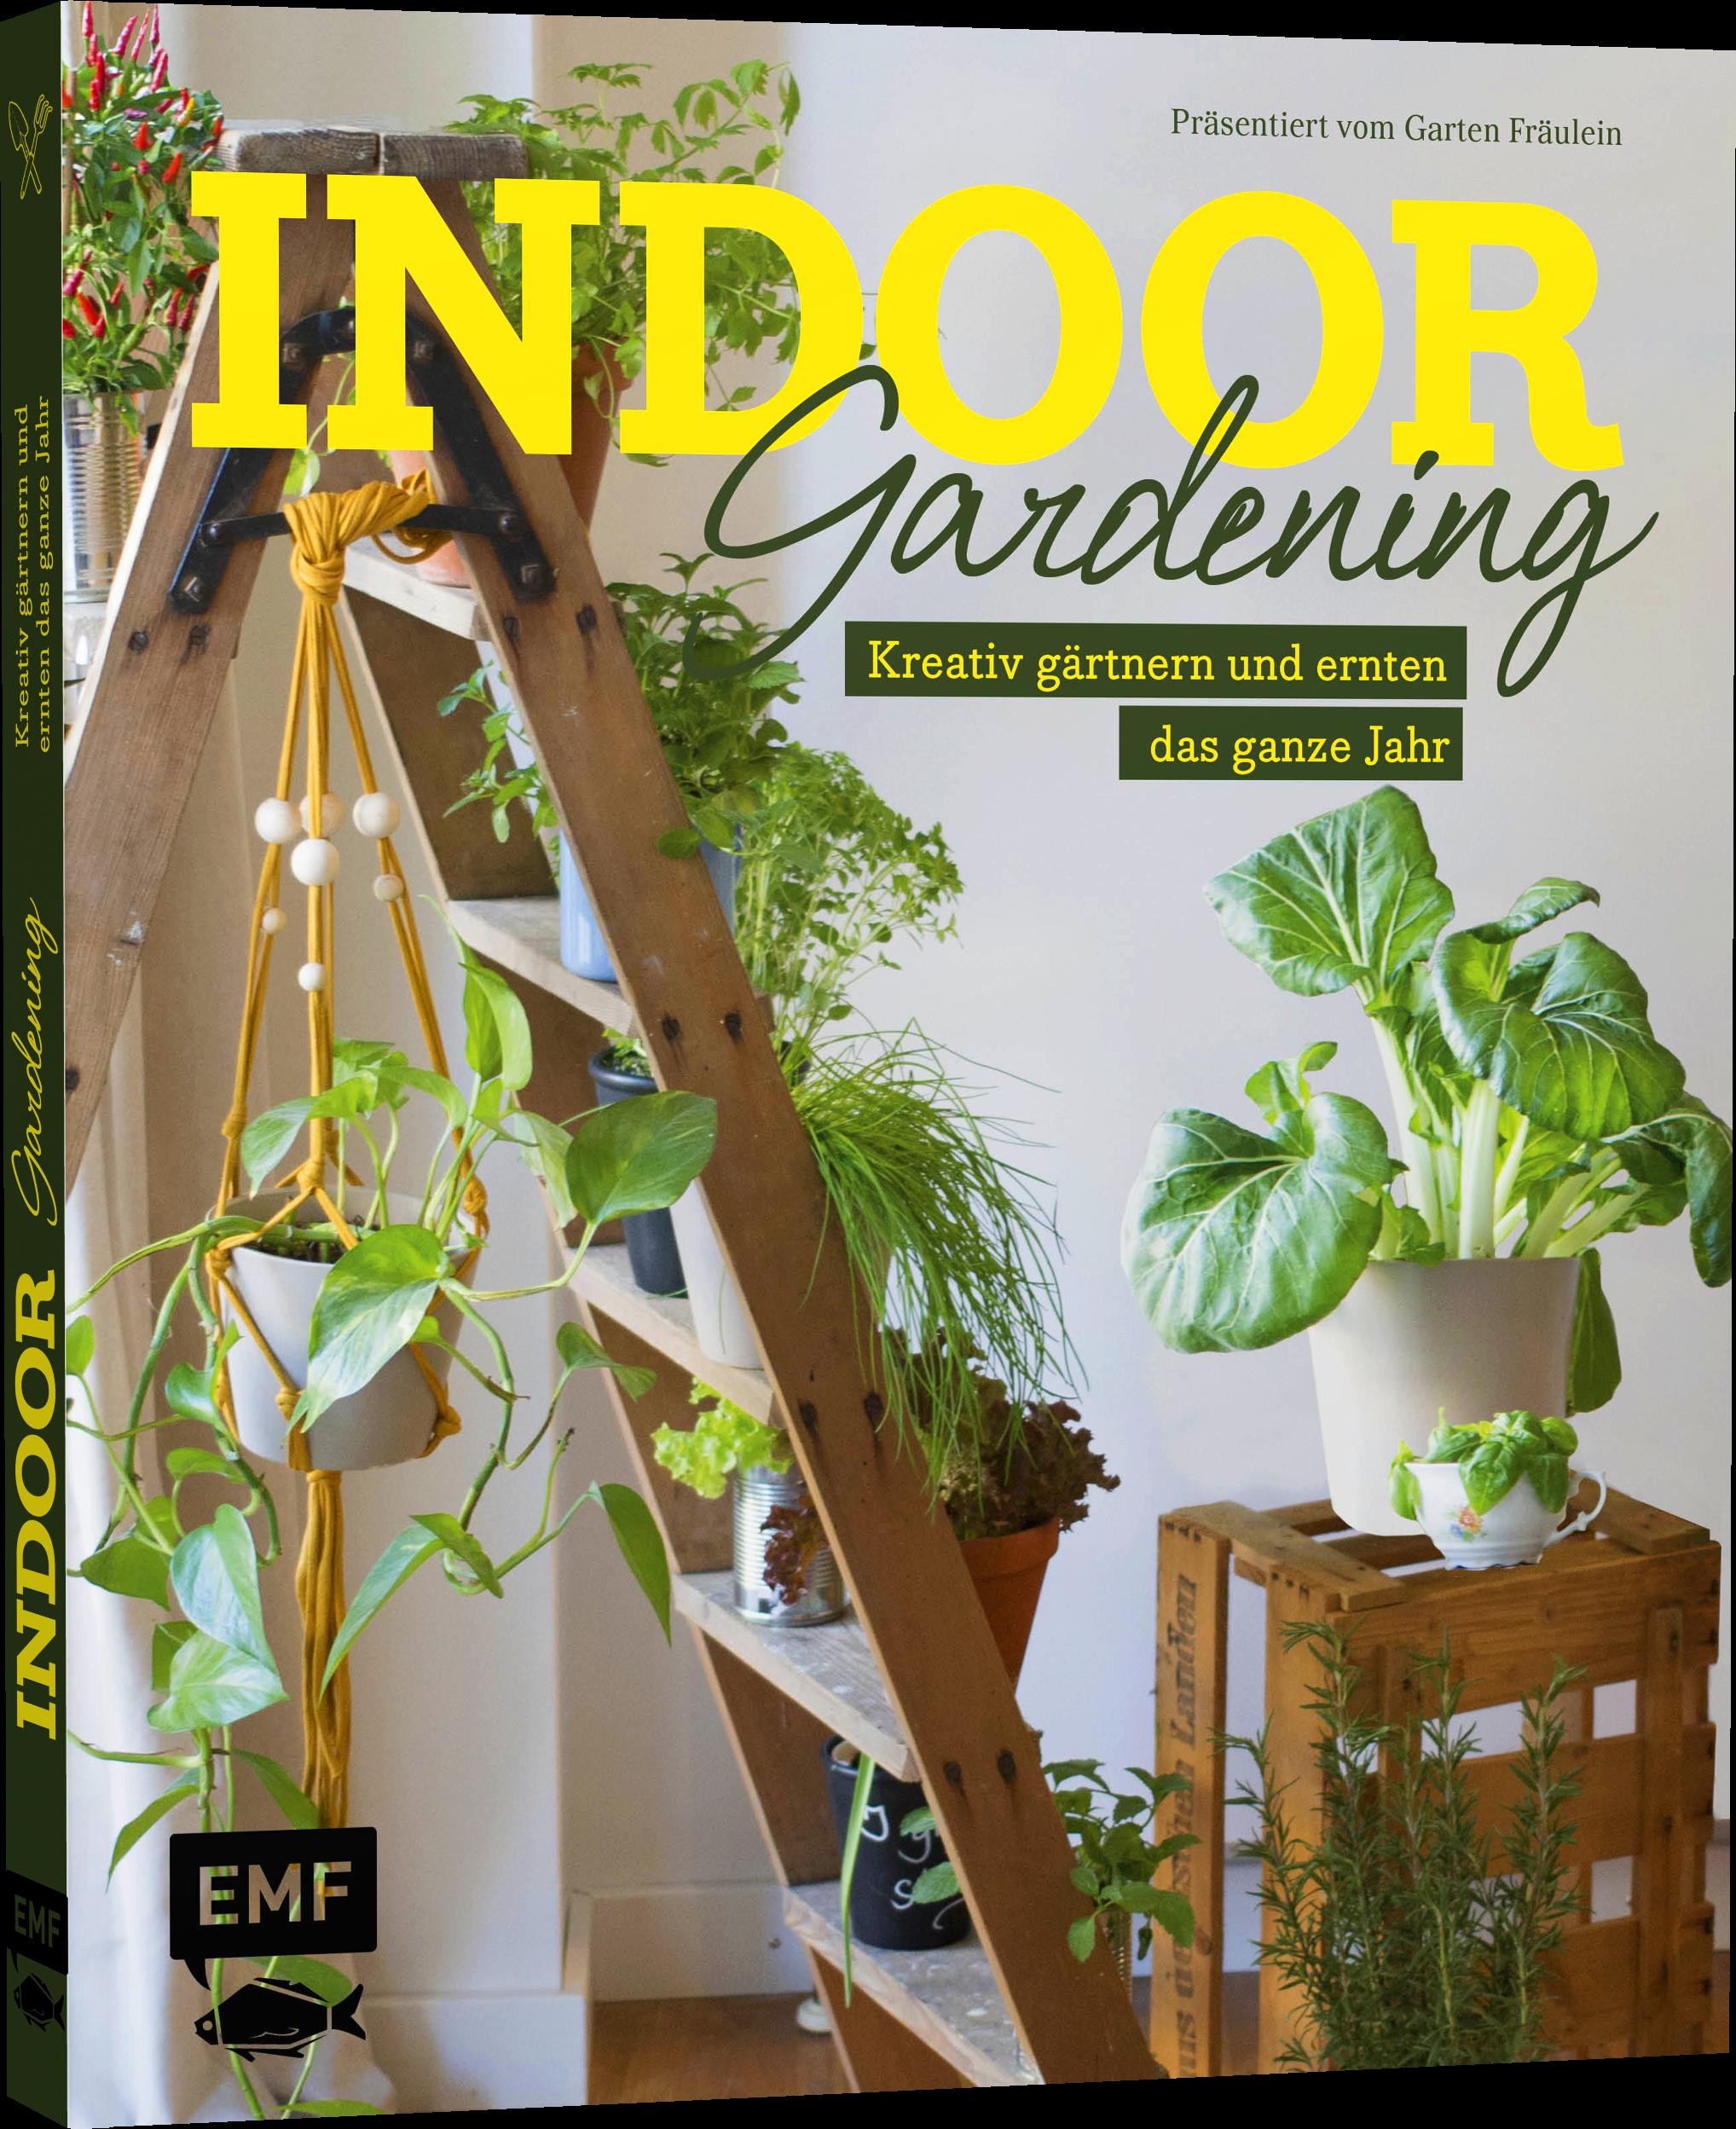 Garten Fräulein: Indoor-Gardening-20x235-hard